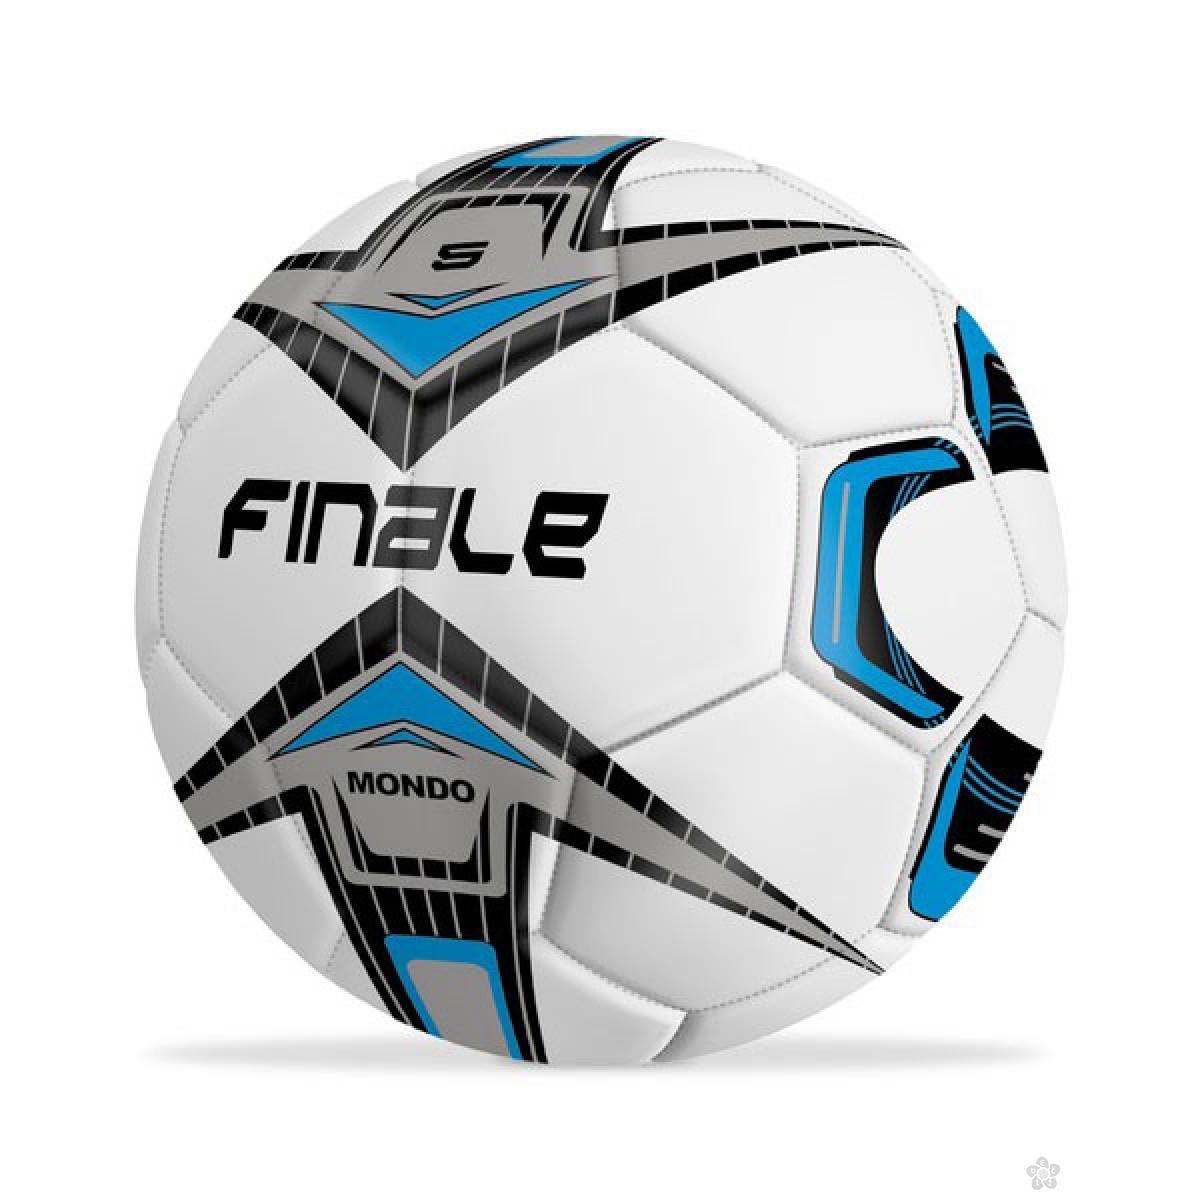 Lopta fudbal finale plava 13595